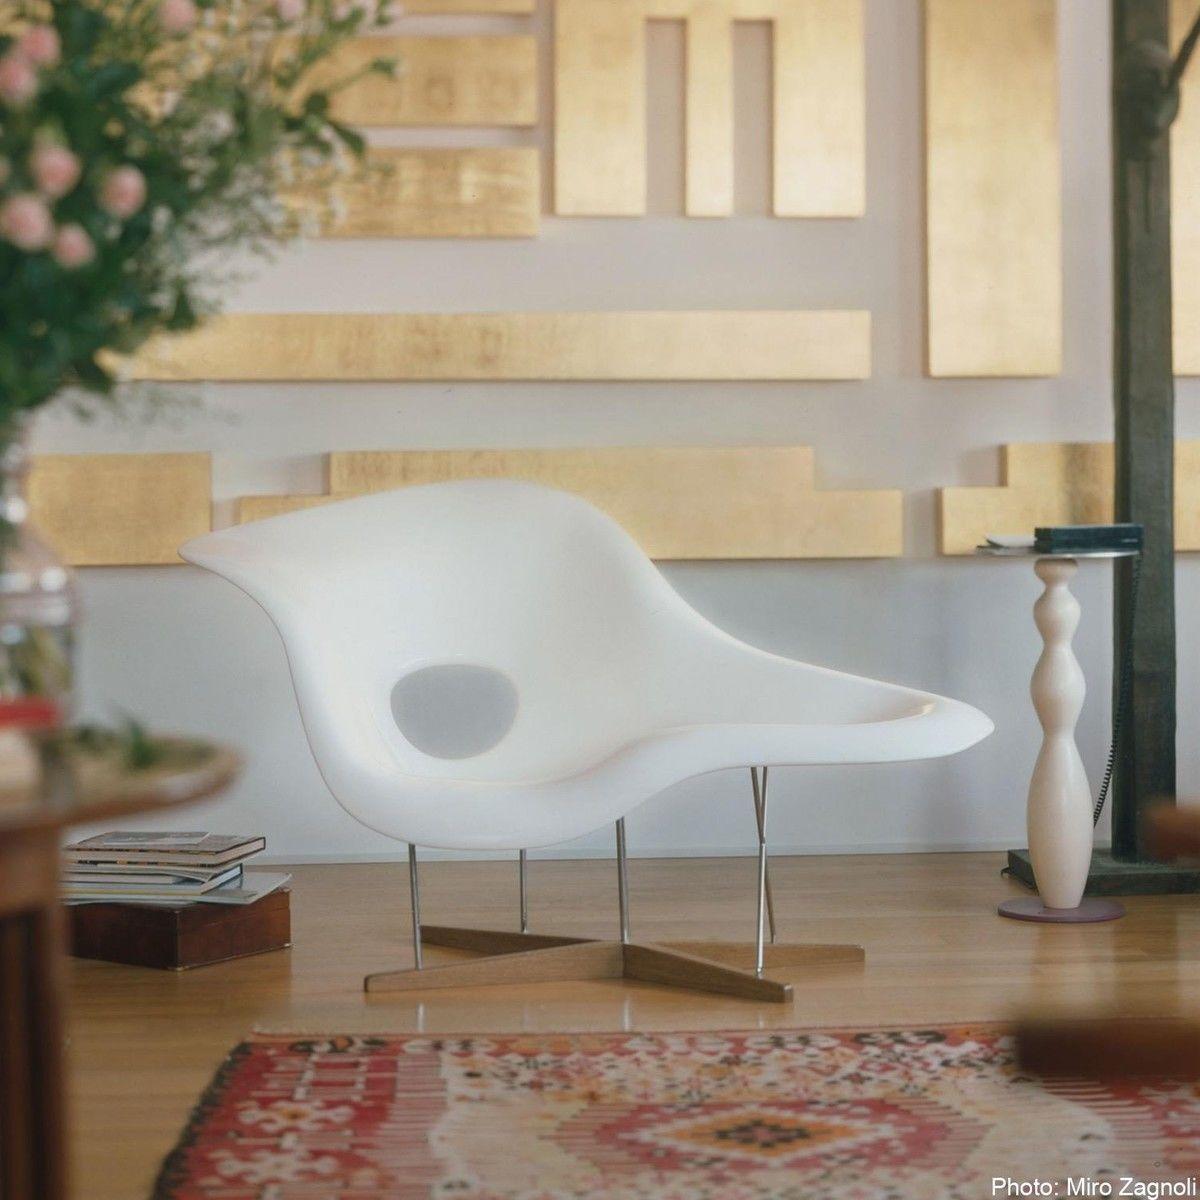 La chaise eames chaise longue vitra - La chaise longue rouen ...